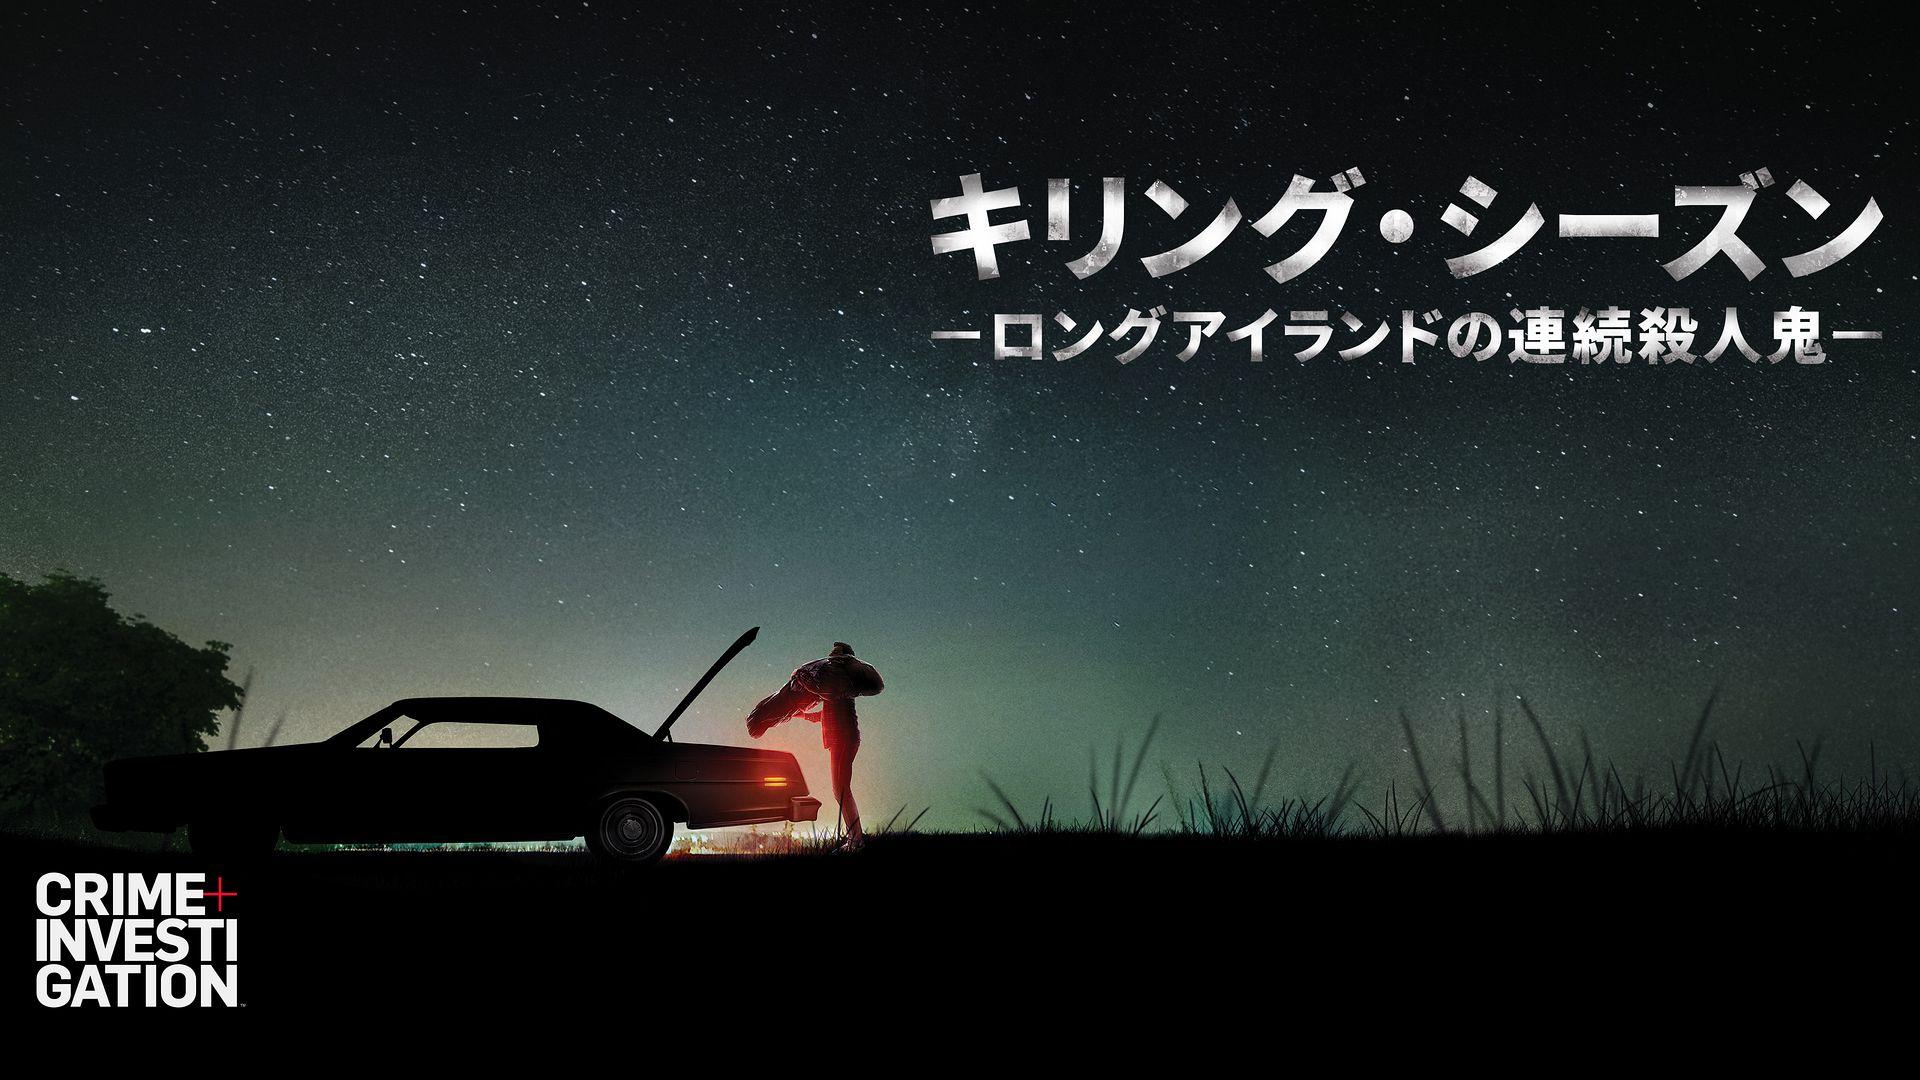 キリング・シーズン -ロングアイランドの連続殺人鬼-